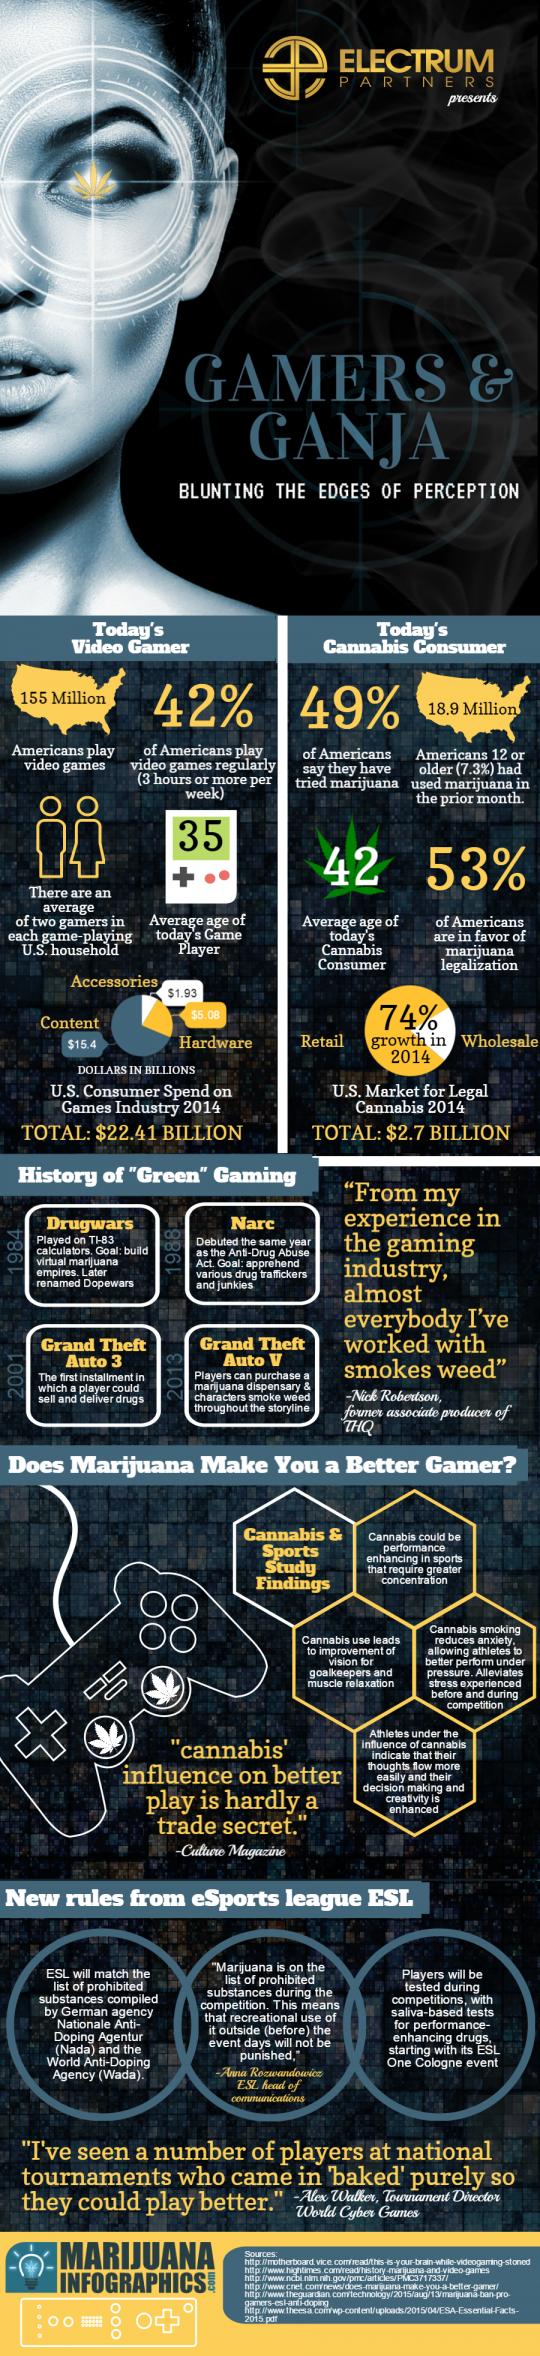 Gamers & Ganja